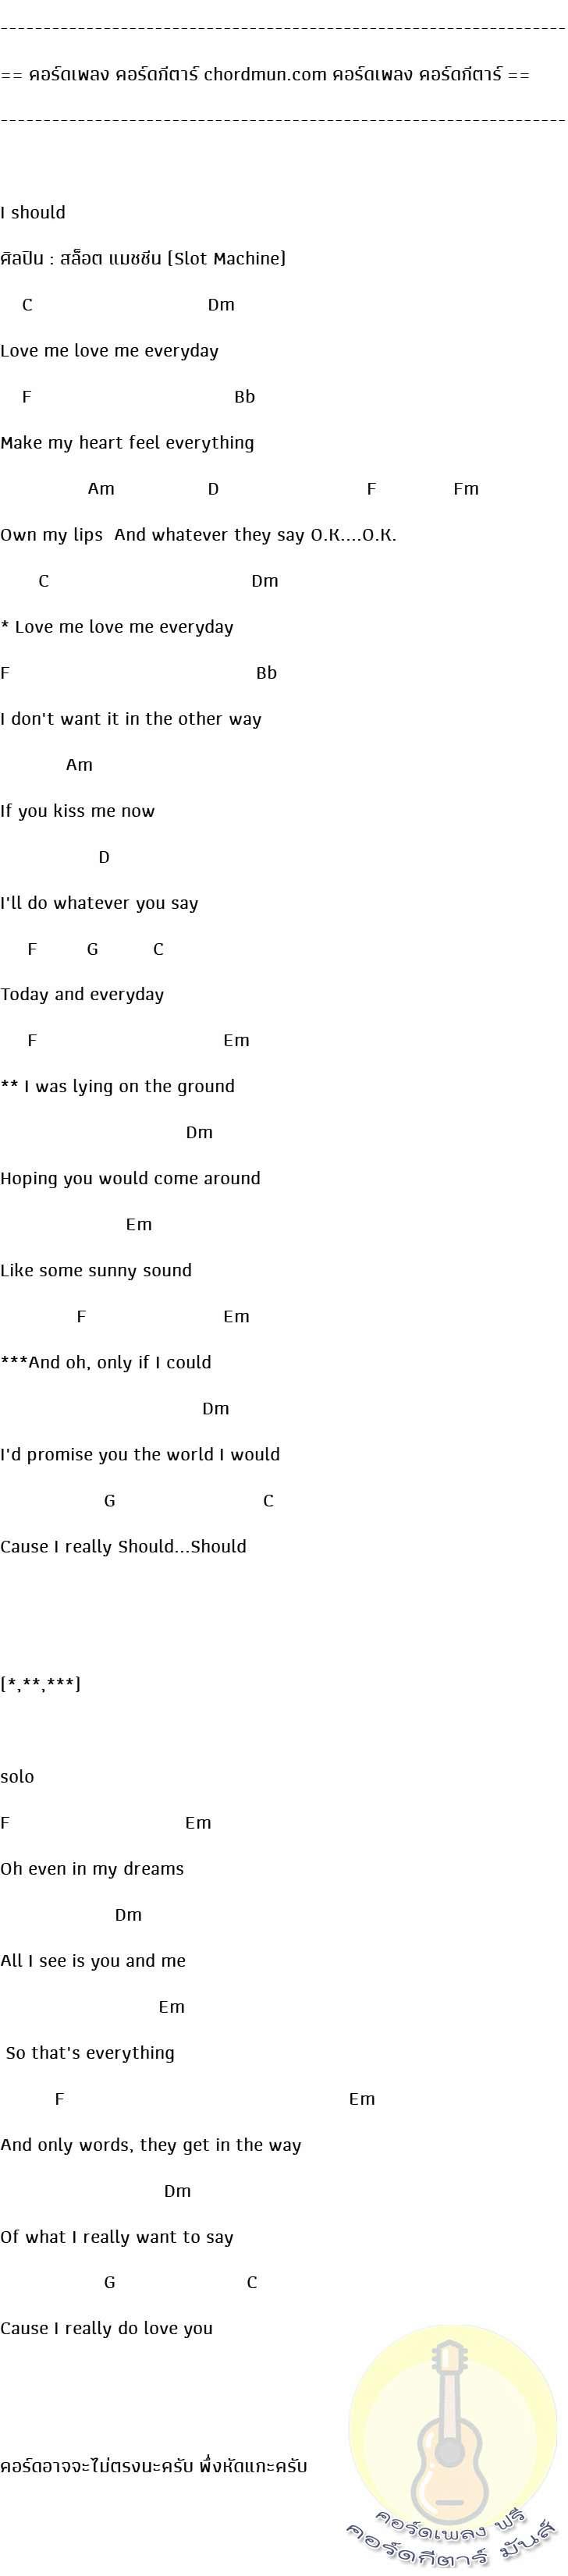 คอร์ดกีต้า ง่ายๆ  เพลง I should